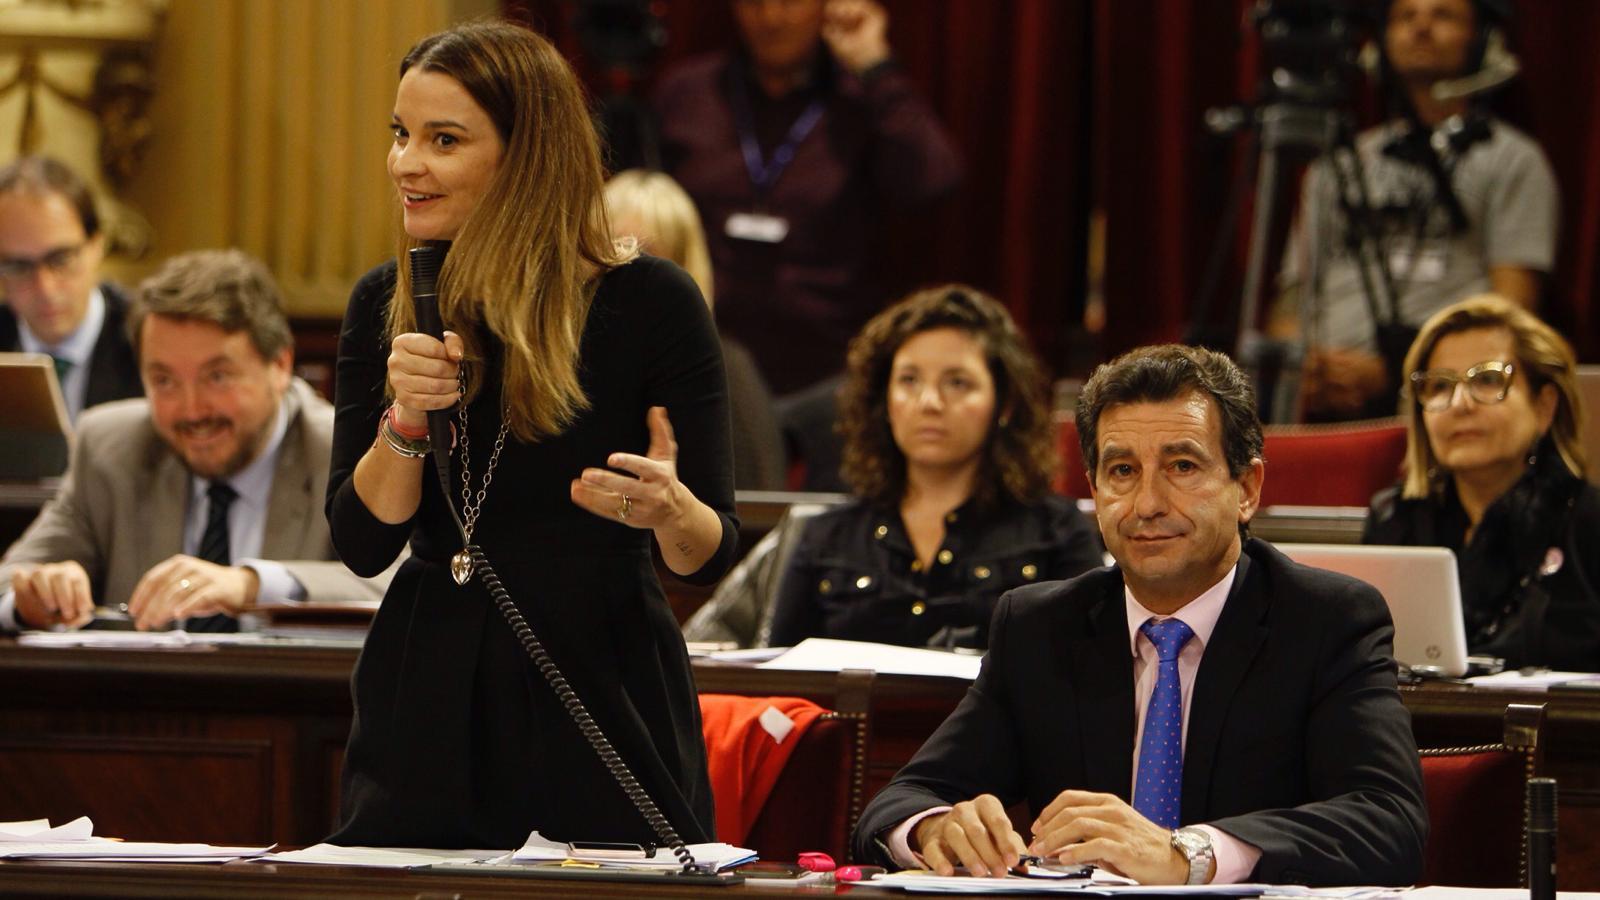 La portaveu parlamentària del PP, Marga Prohens, durant la sessió de control al Govern.